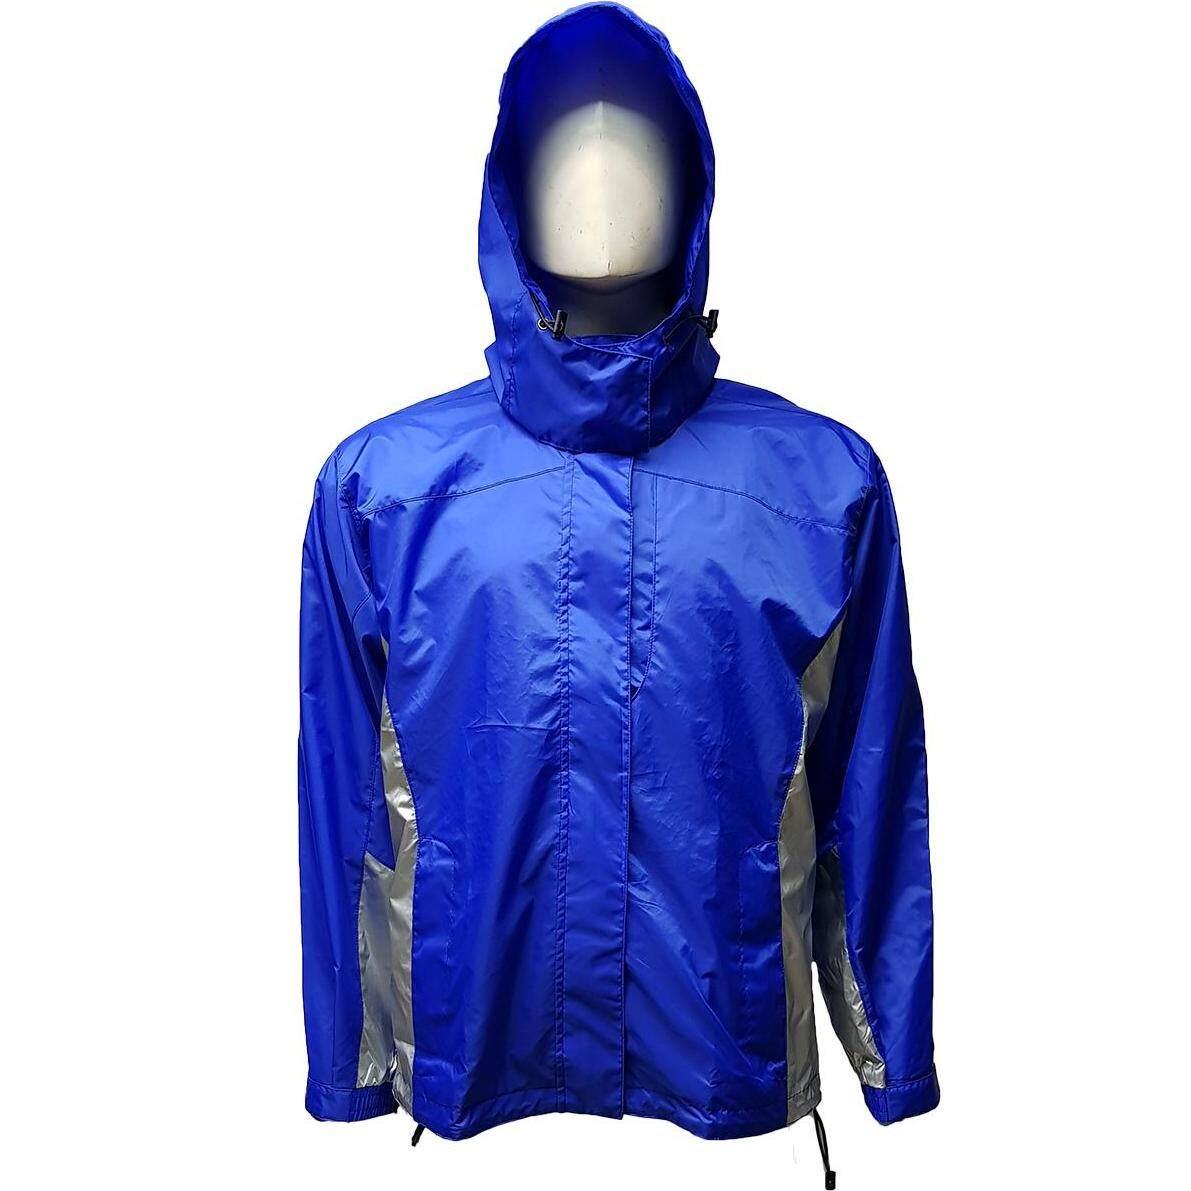 ผ้าฟลีซรอบคอด้านใน เสื้อแจ๊กเก็ตกันหนาว กันลม มีฮู๊ดถอดได้ มีกระเป๋ารูดซิปด้านข้างและอก By Outdo.